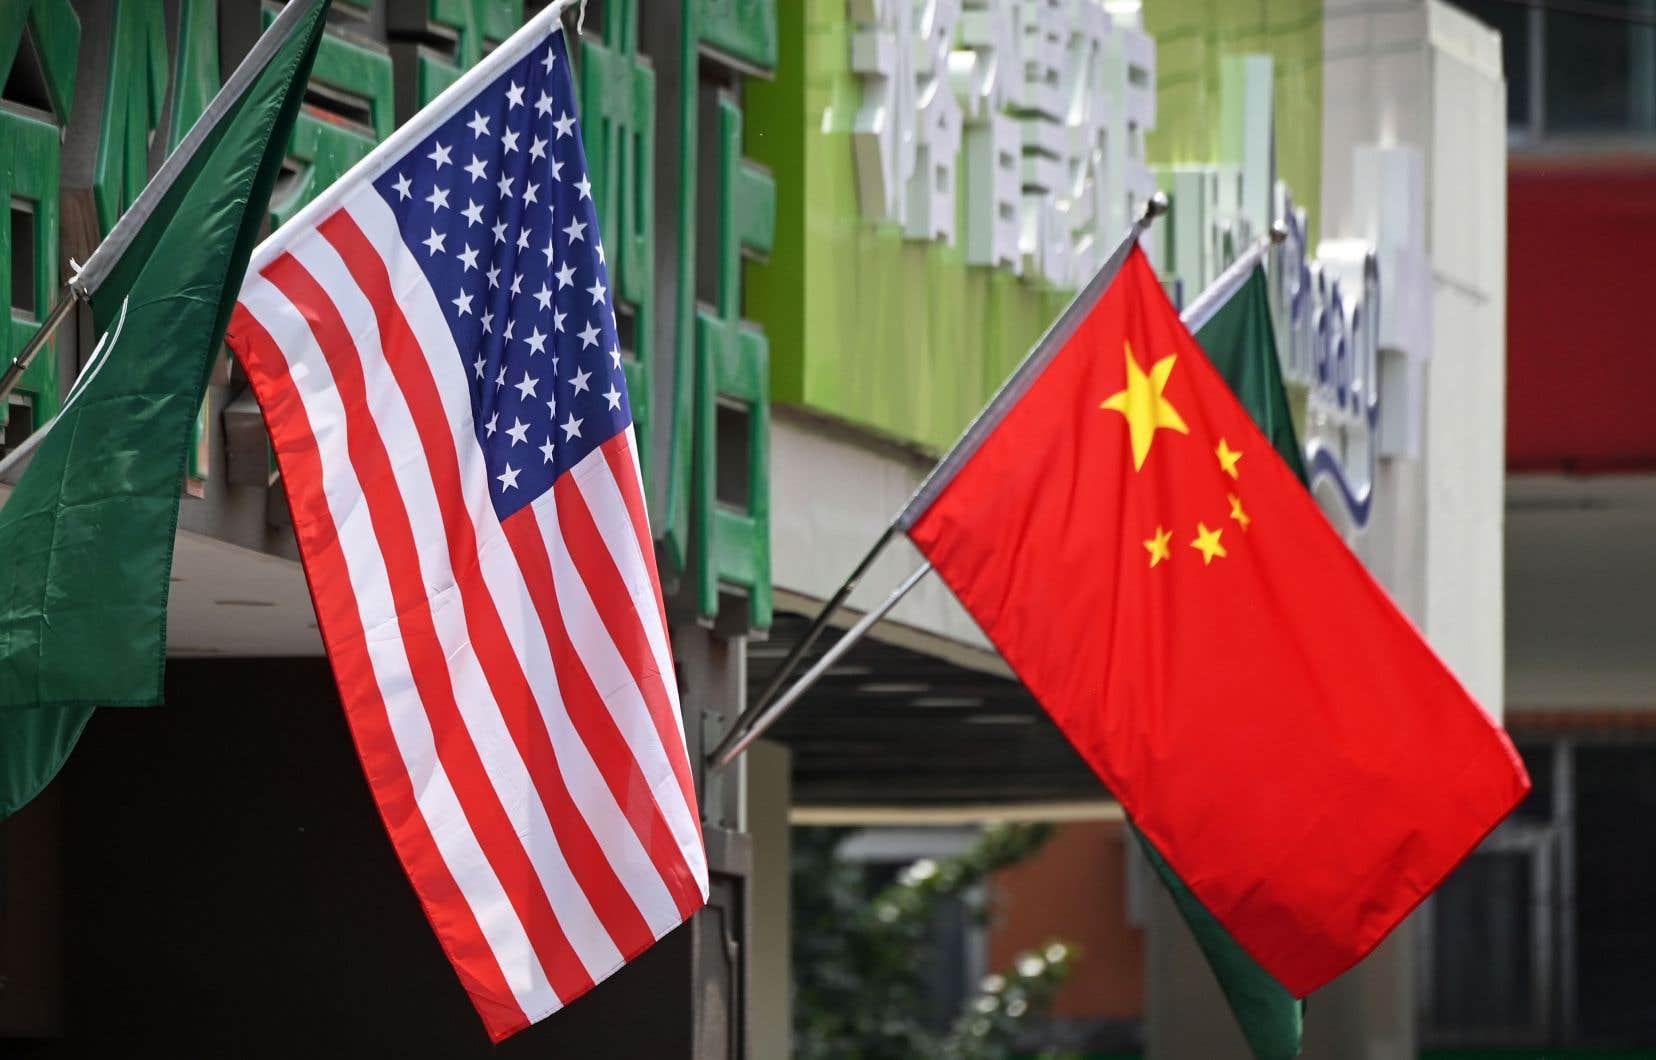 Réagissant au verdict de l'Organe de règlement des différends de l'OMC, le gouvernement Trump a jugé l'organisation «totalement inadéquate» pour mettre fin aux pratiques commerciales de la Chine jugées déloyales et qui avaient amené Washington à imposer des tarifs douaniers punitifs contre Pékin.